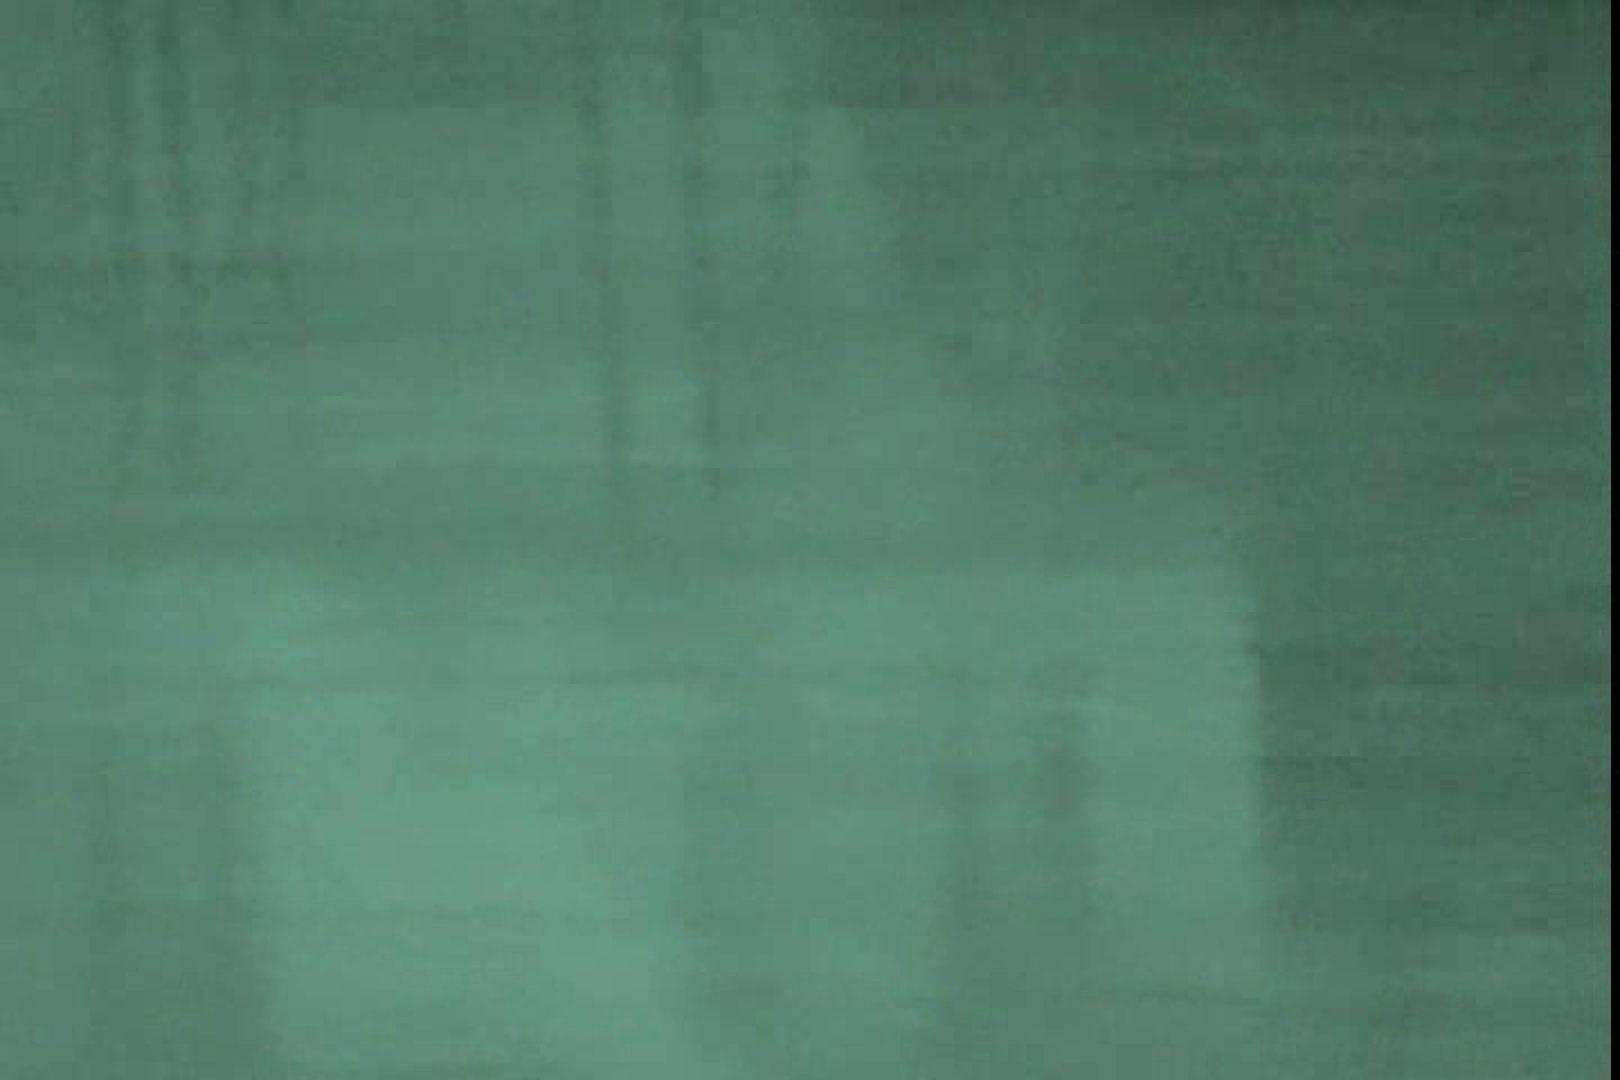 赤外線ムレスケバレー(汗) vol.04 アスリート | 赤外線  99連発 34